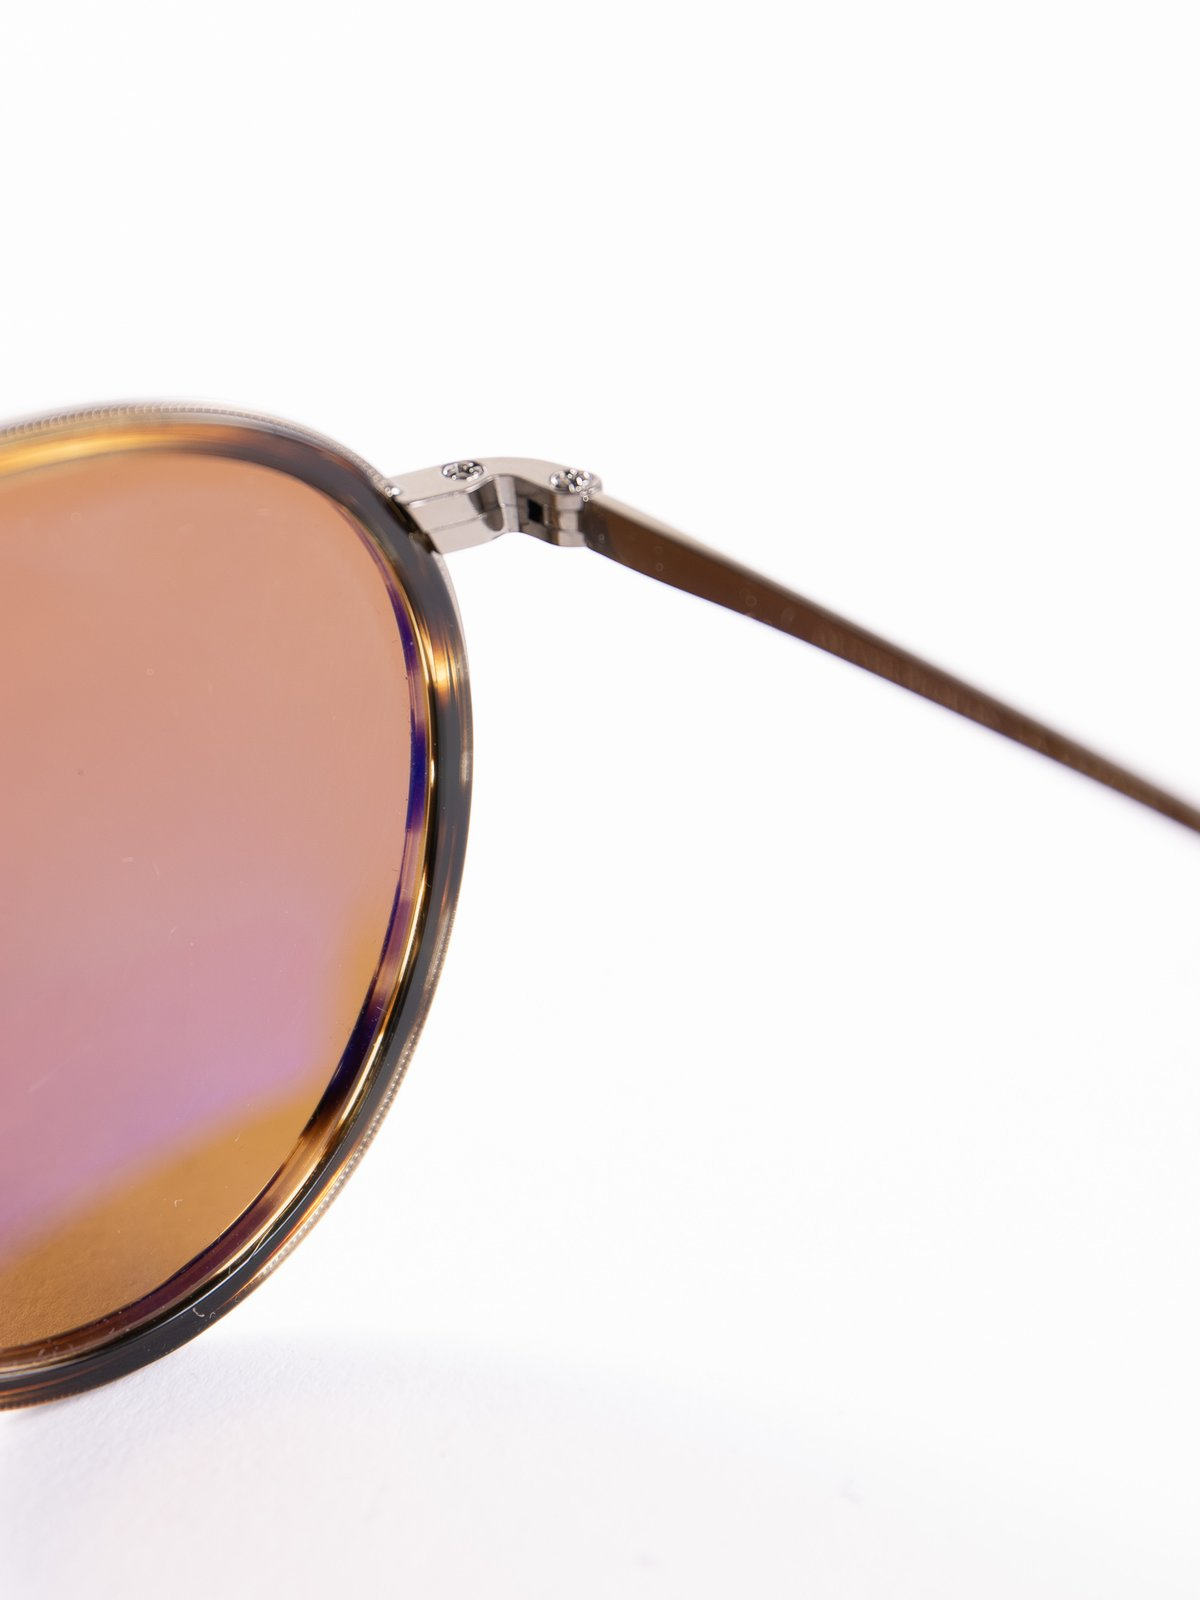 Cocobolo–Antique Gold/Brown MP–2 Sunglasses - Image 4